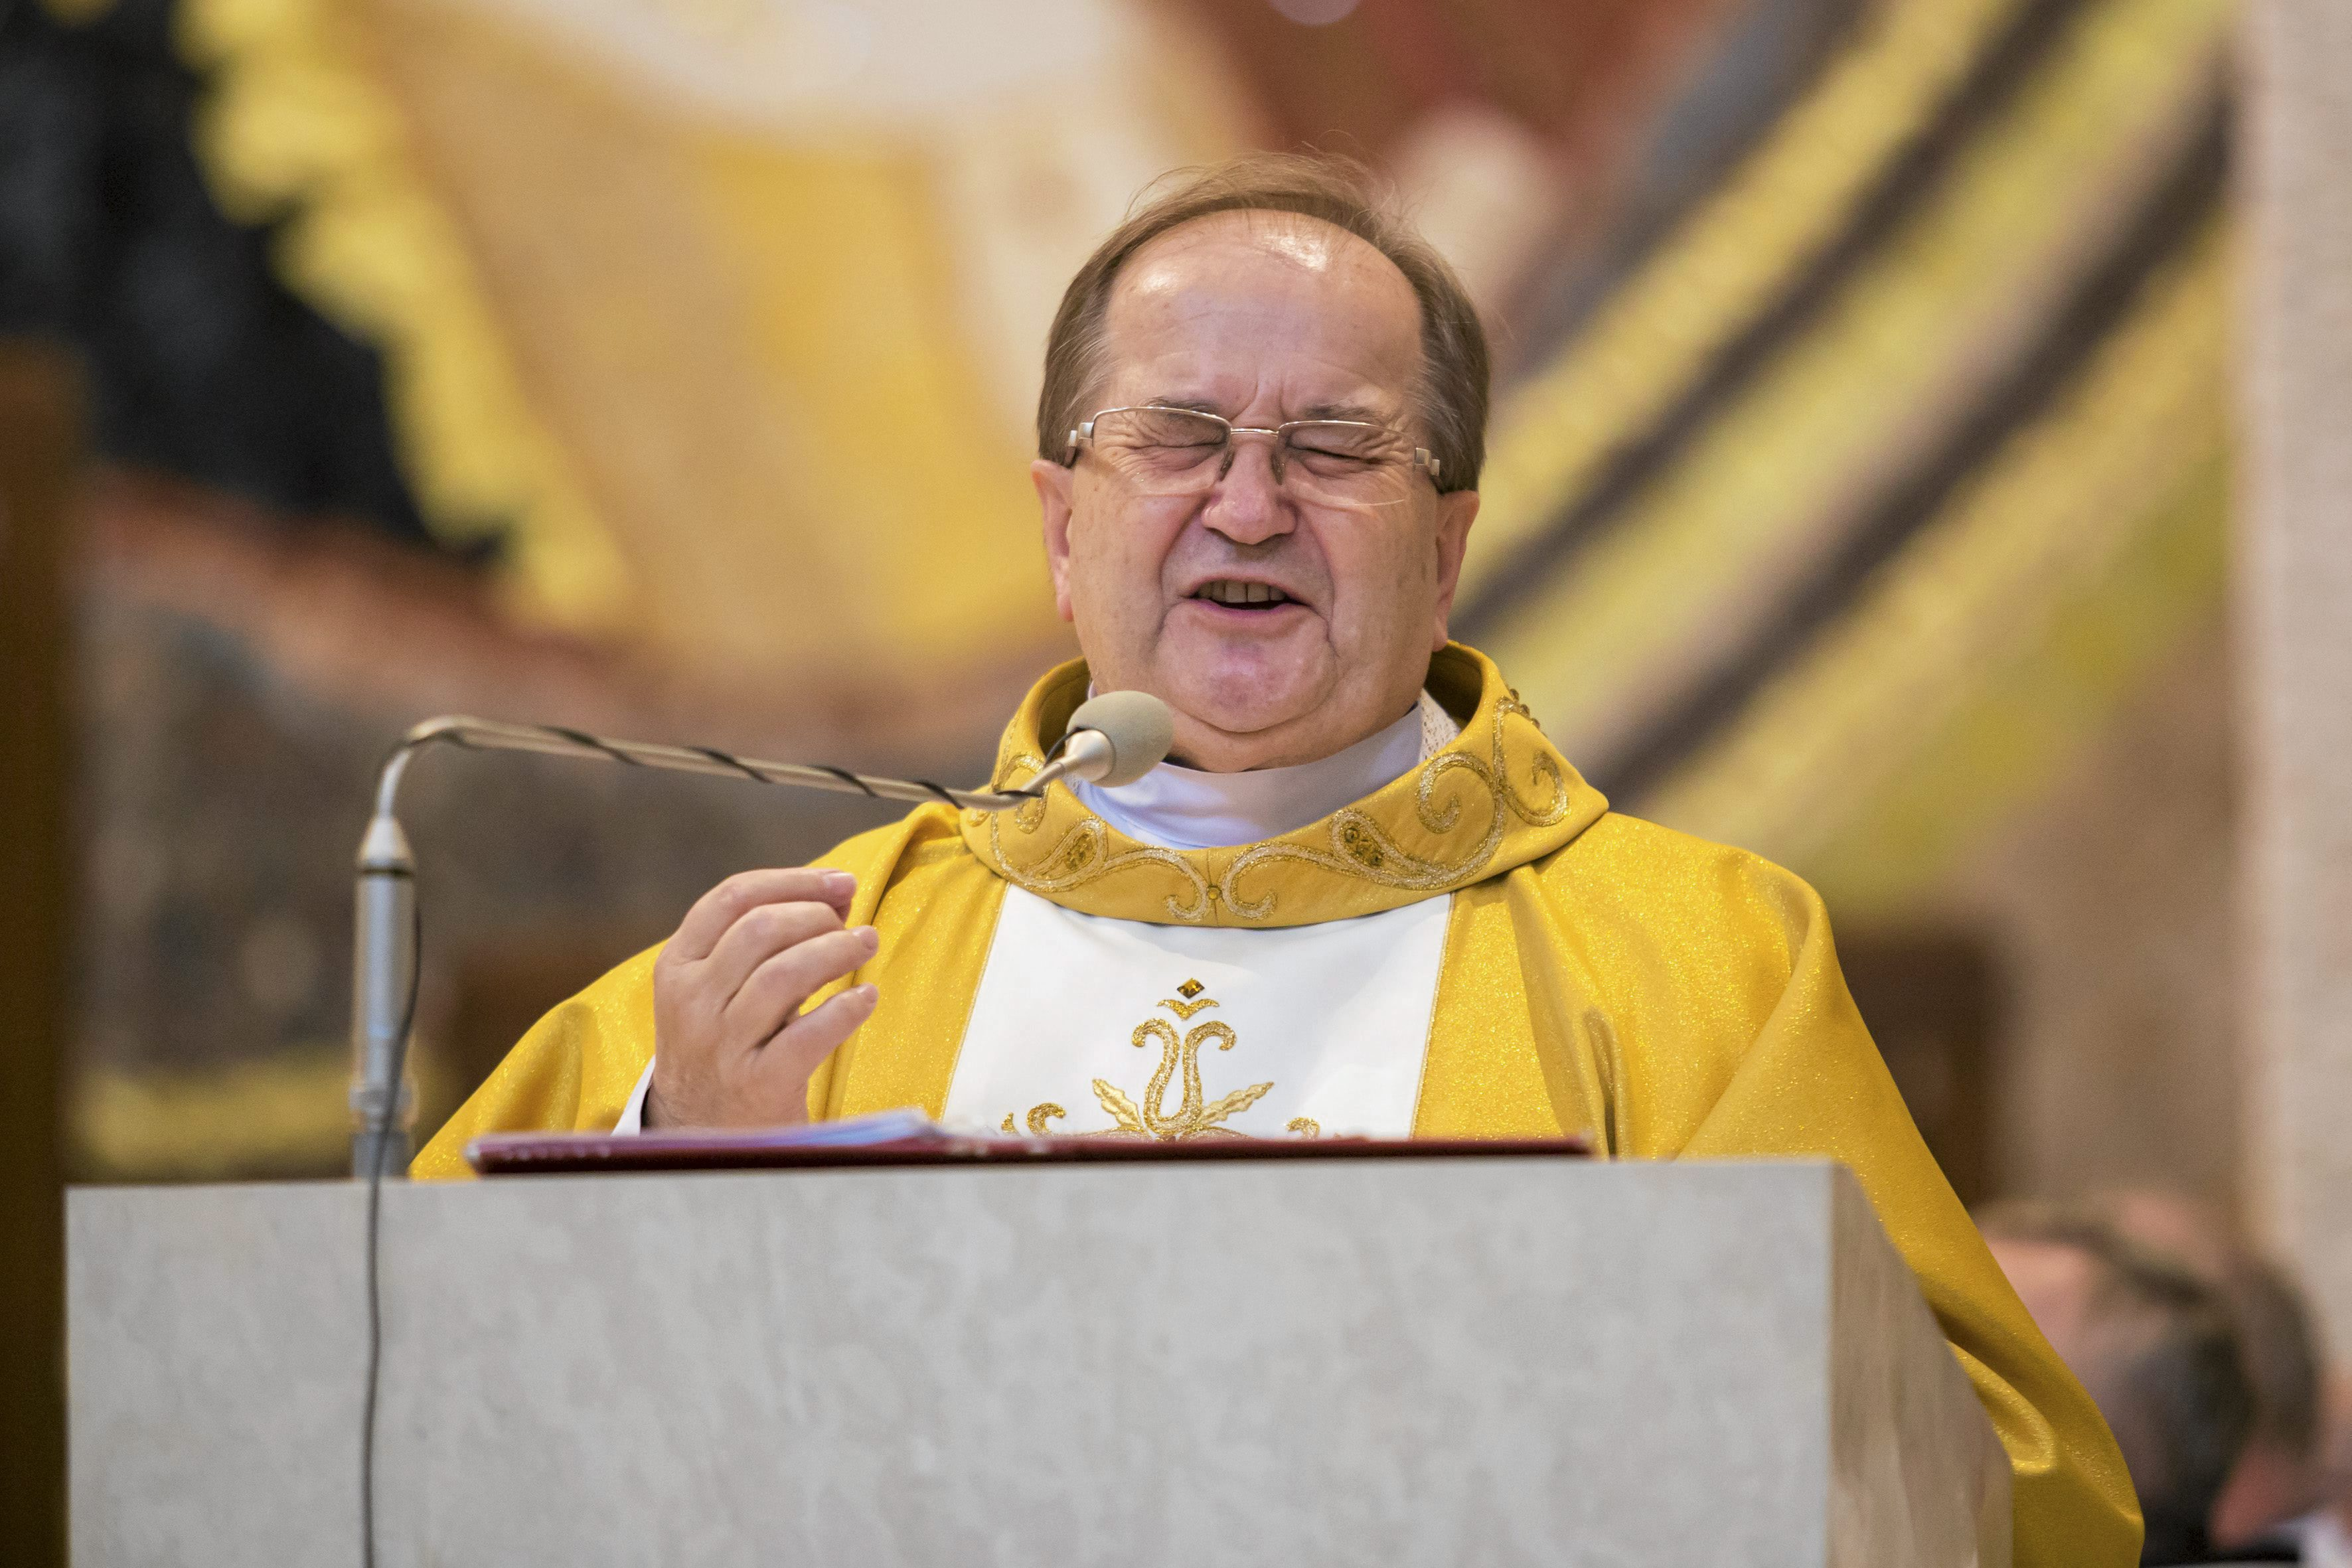 Ojciec Tadeusz Rydzyk w Sanktuarium Świętego Jana Pawła II (fot. Michal Łepecki / Agencja Gazeta)